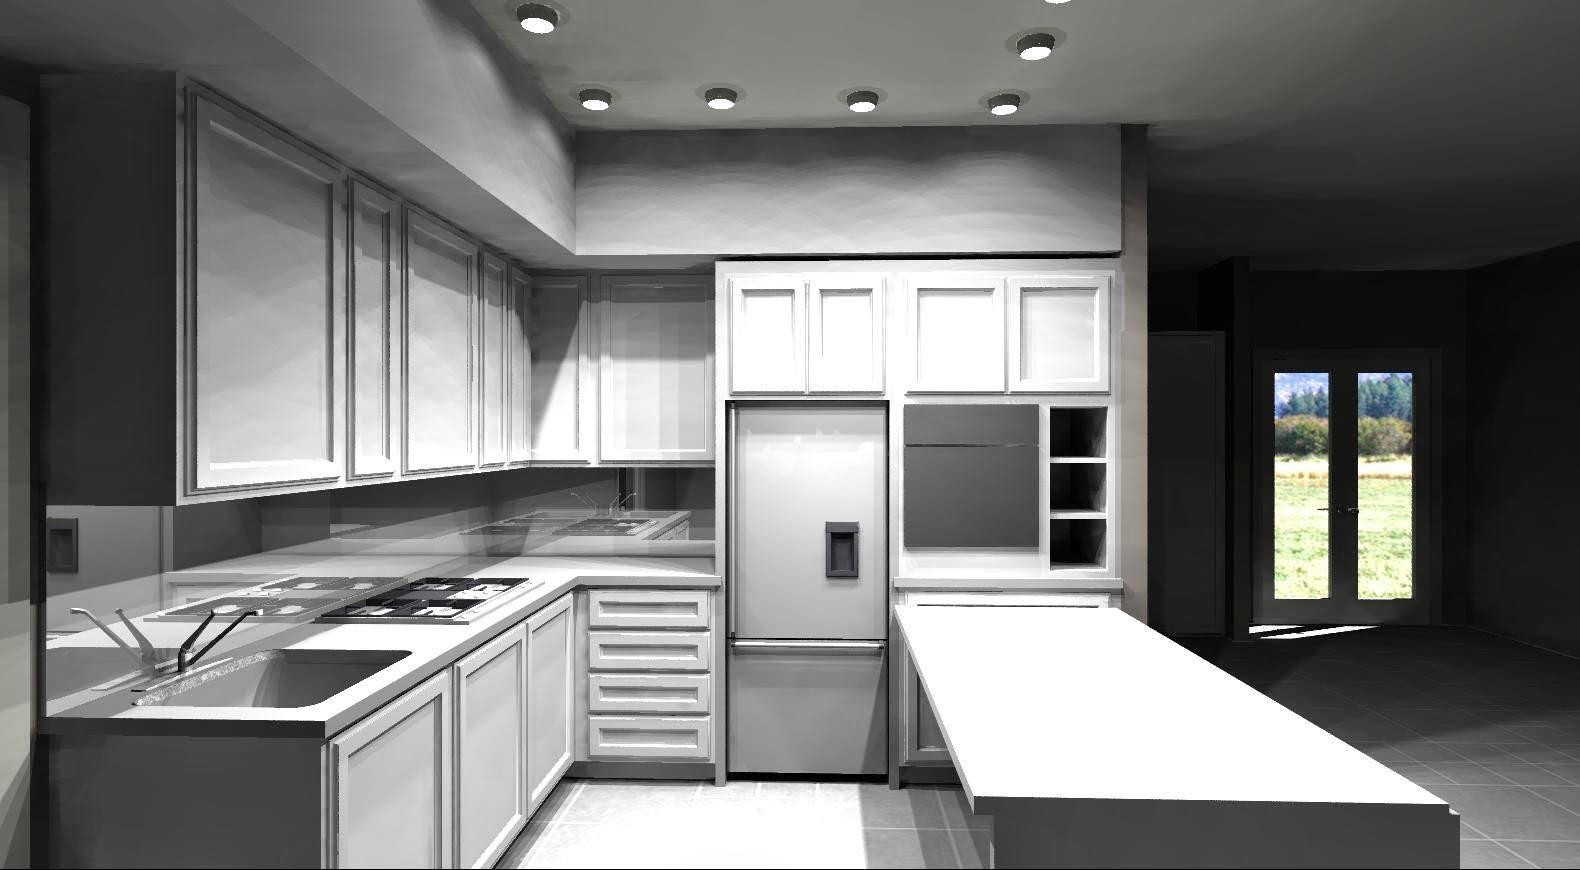 Cucina classica e moderna - Cucina classica moderna ...